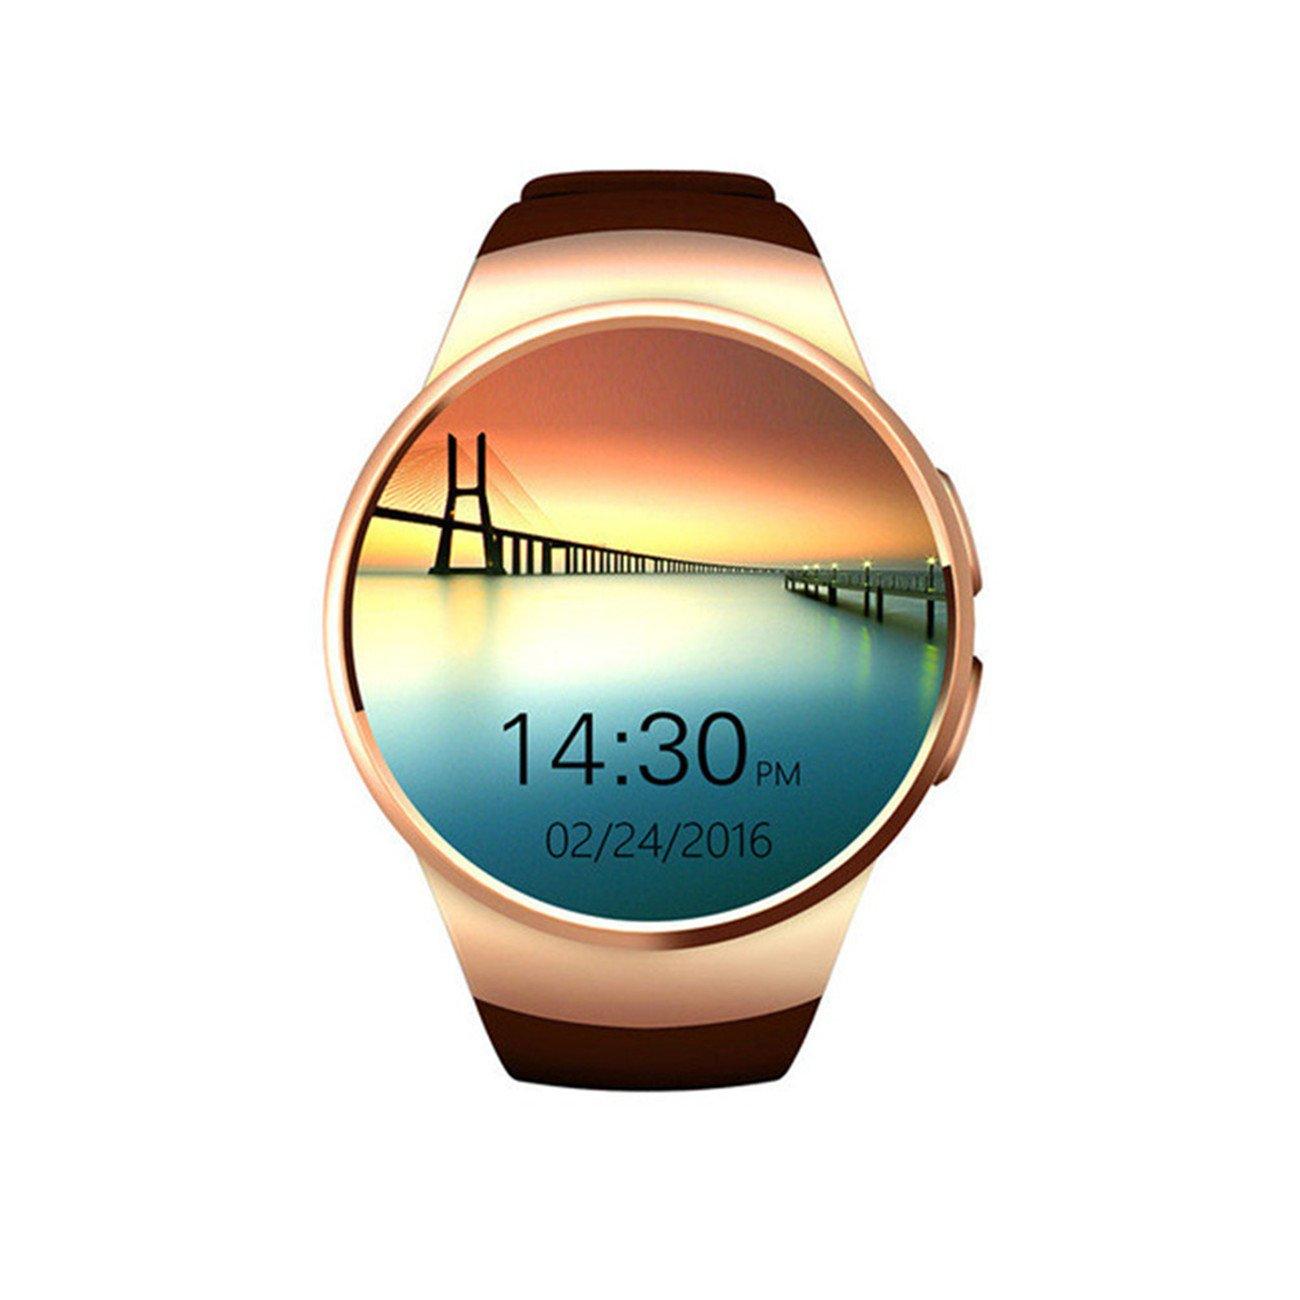 スマートリストバンド腕時計電話Sim TfカードスロットラウンドダイヤルBluetoothスマートWear Watch B075M7BLN6 ゴールド ゴールド